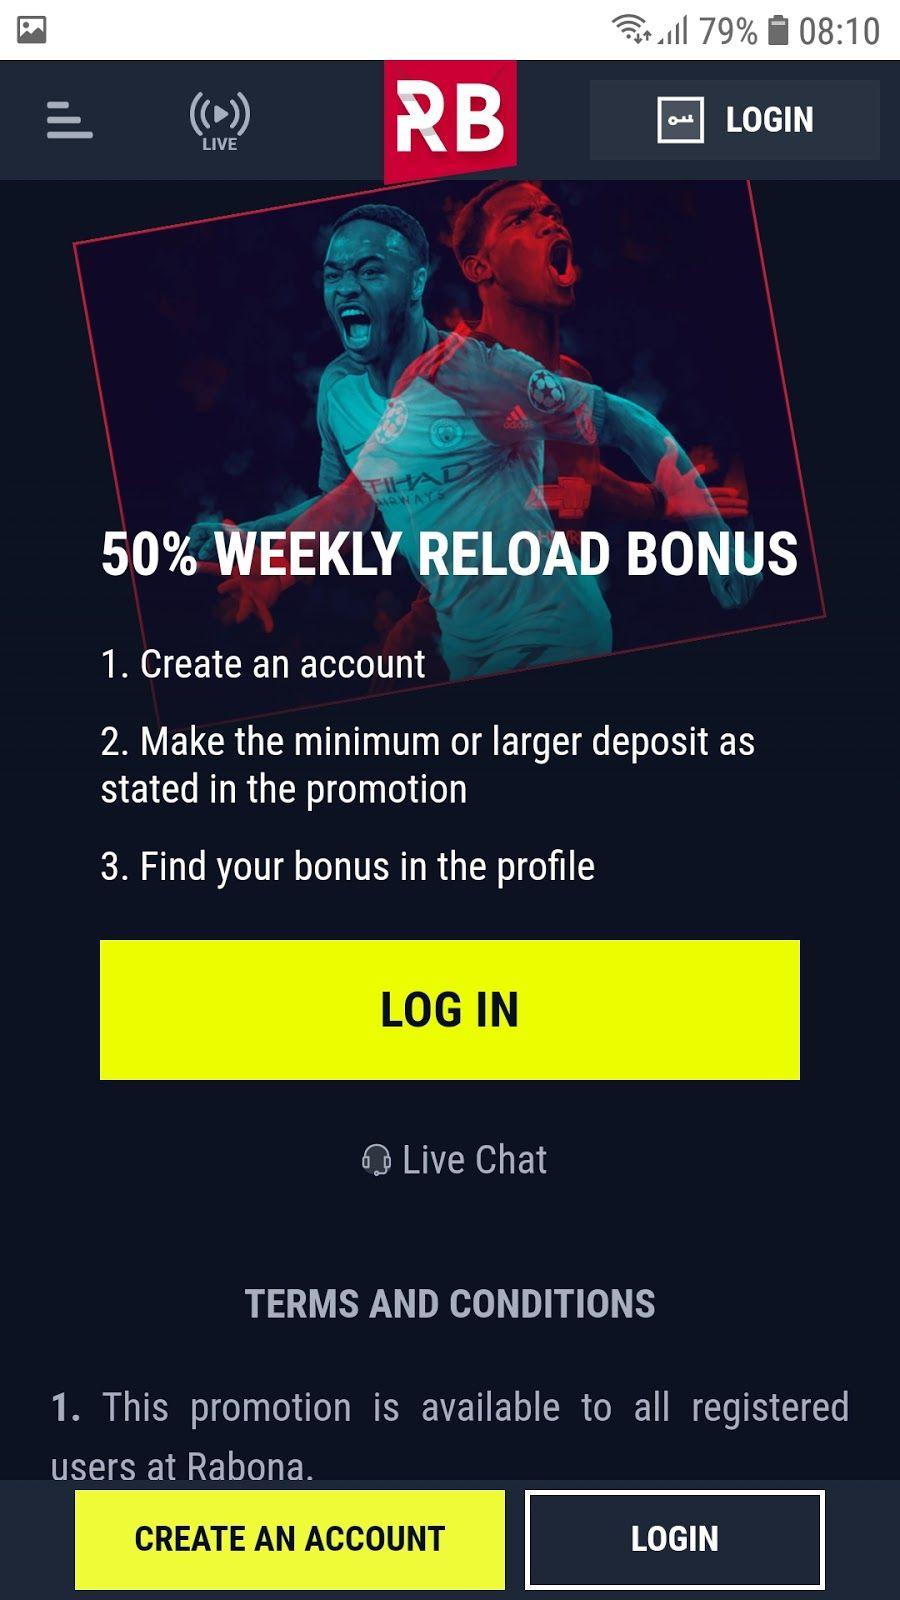 Rabona 50% tjedni bonus za ponovno punjenje